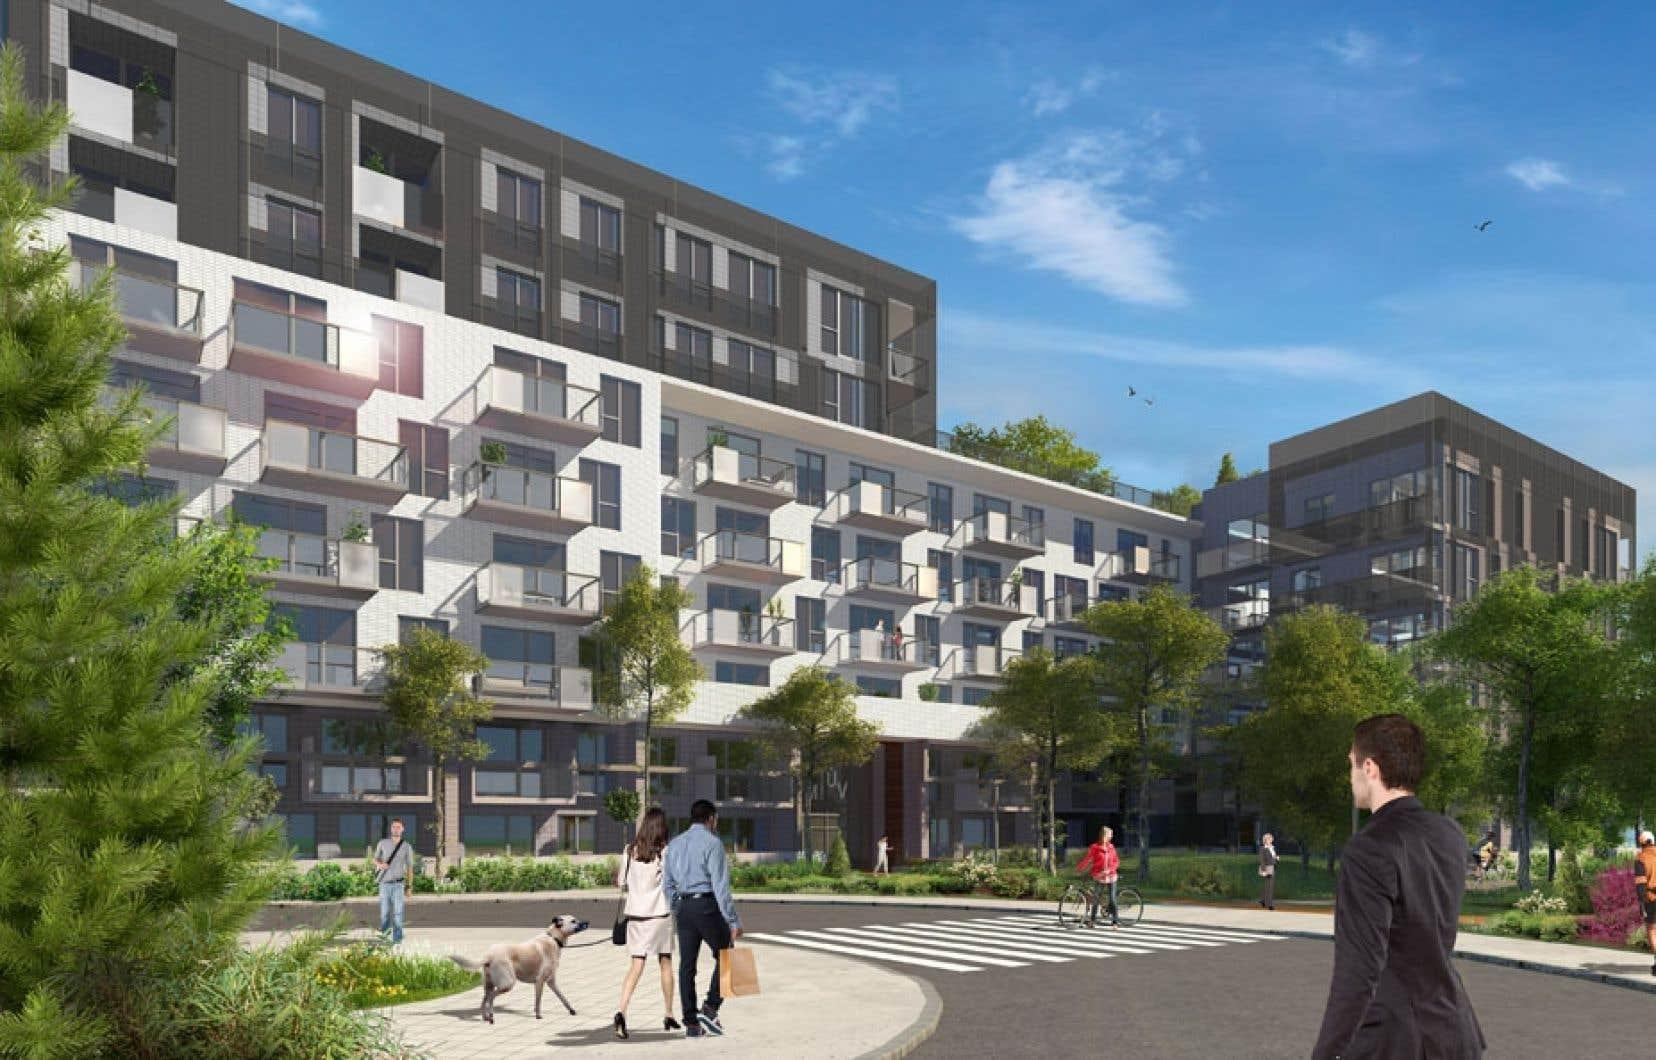 Le projet MUV condos aura une architecture classique, tandis que l'importante fenestration des logements permettra un maximum de luminosité.